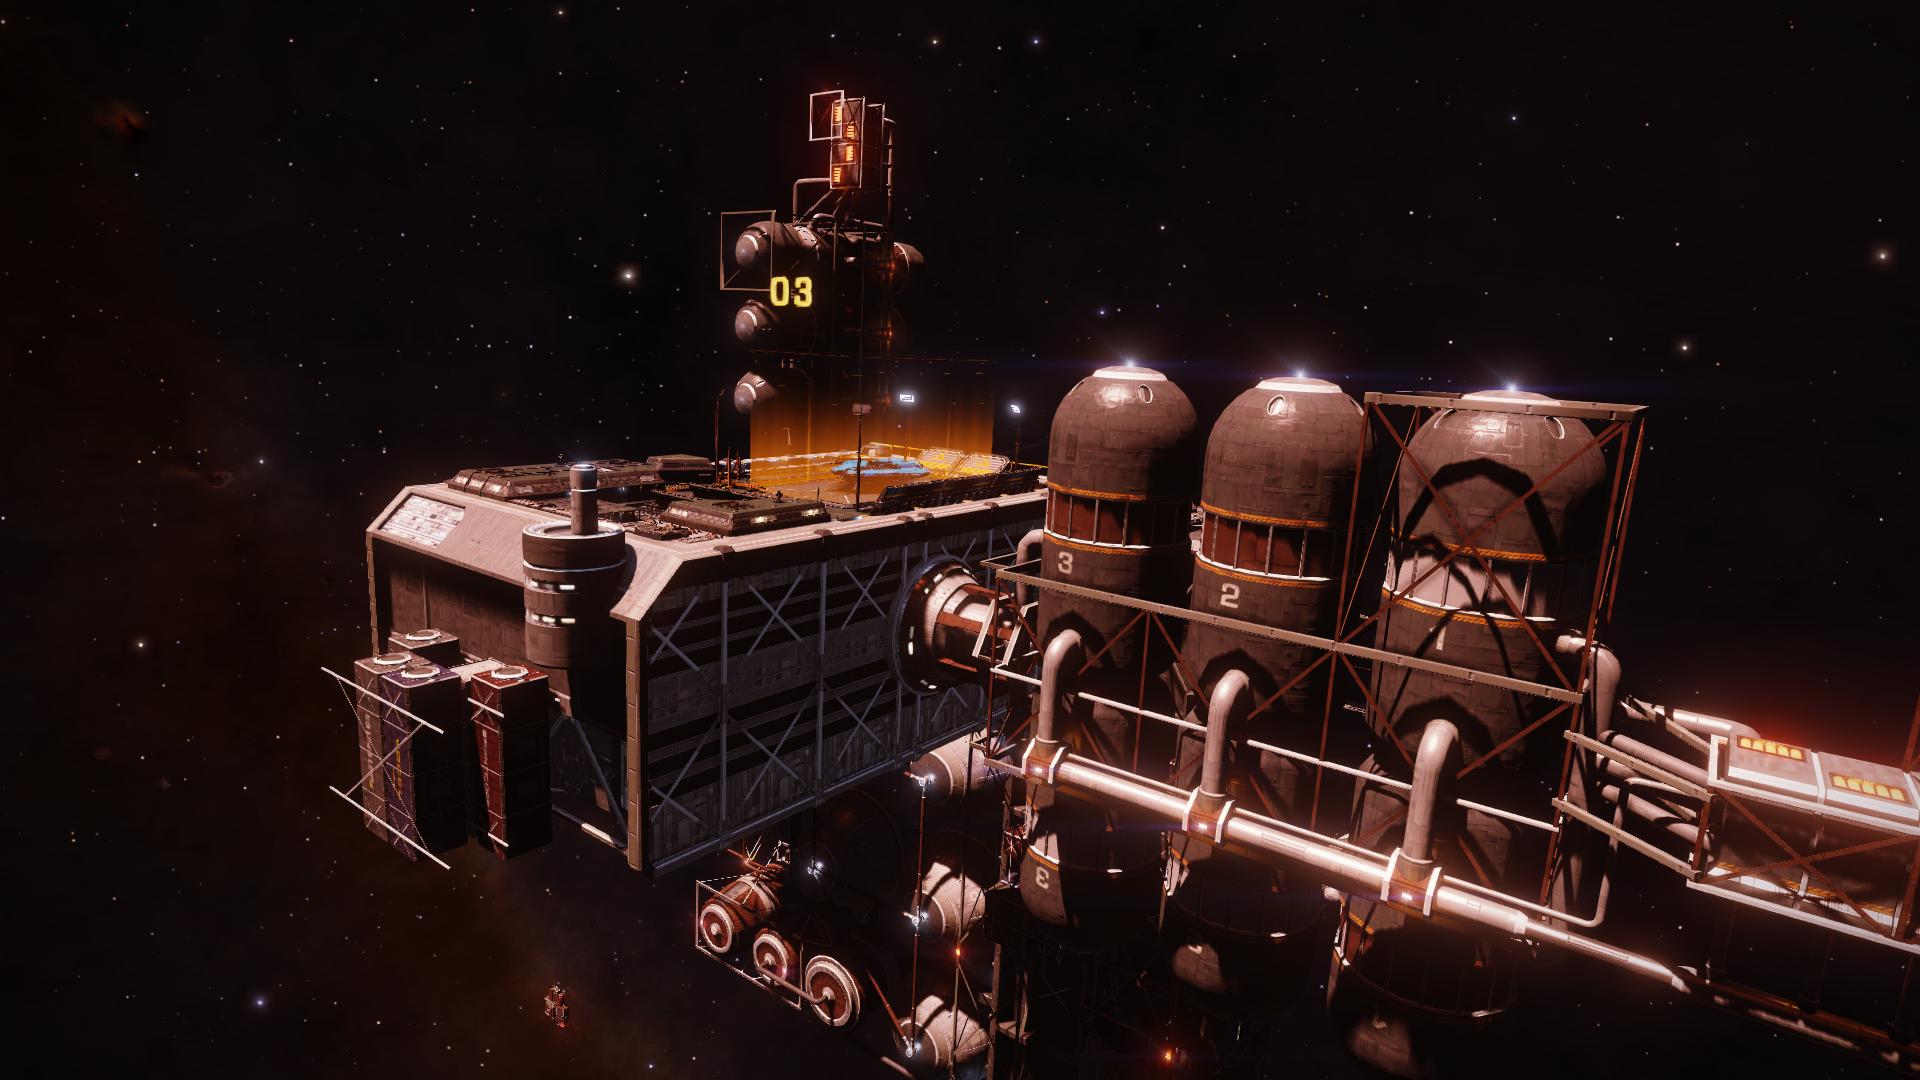 Docked at Hutton Orbital